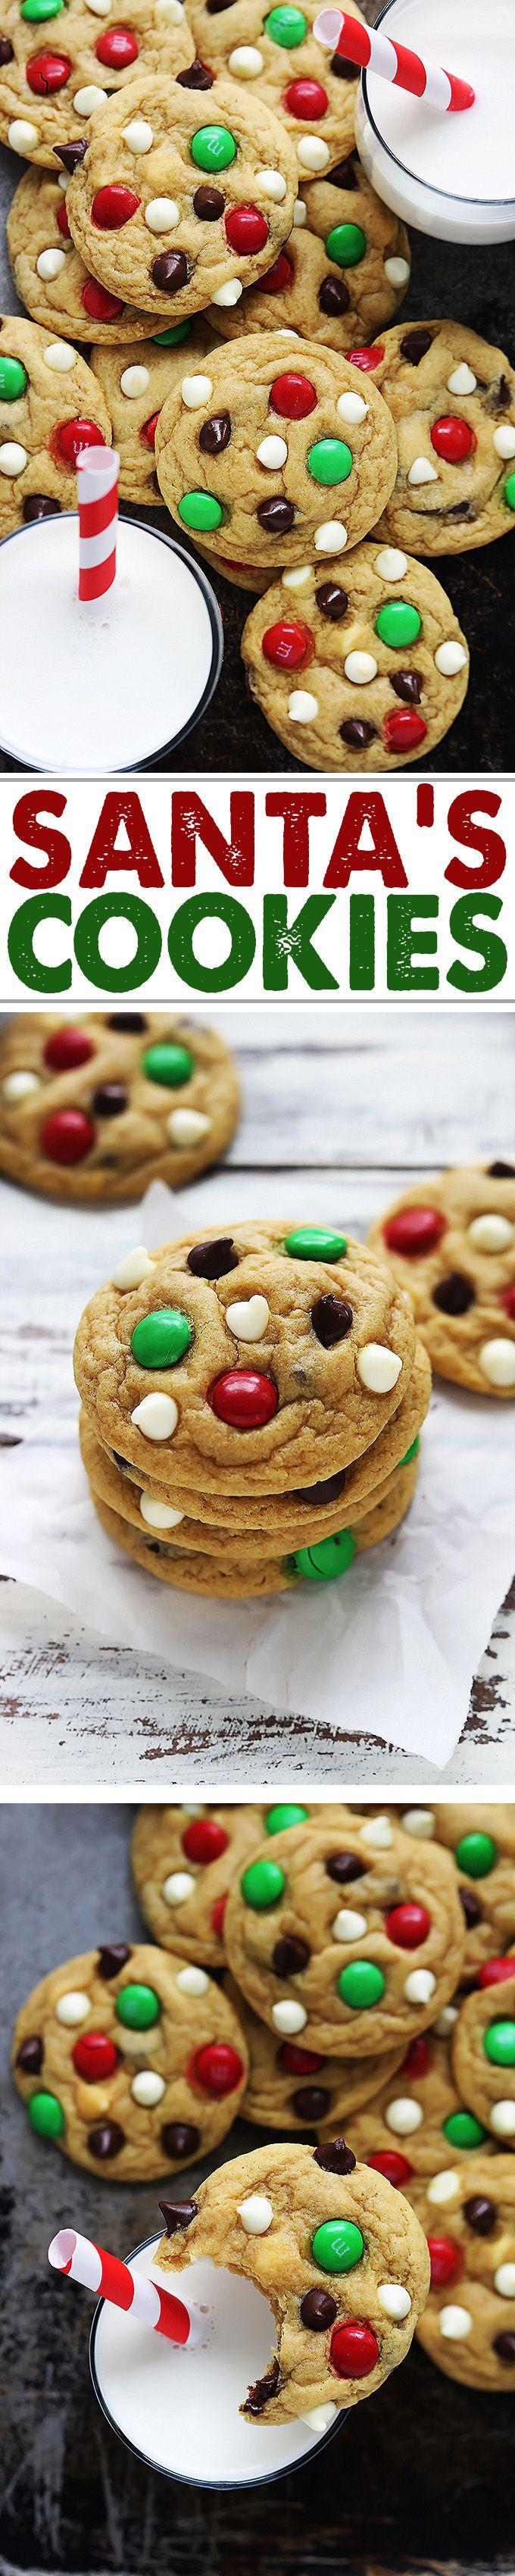 Best Christmas Cookies 2015